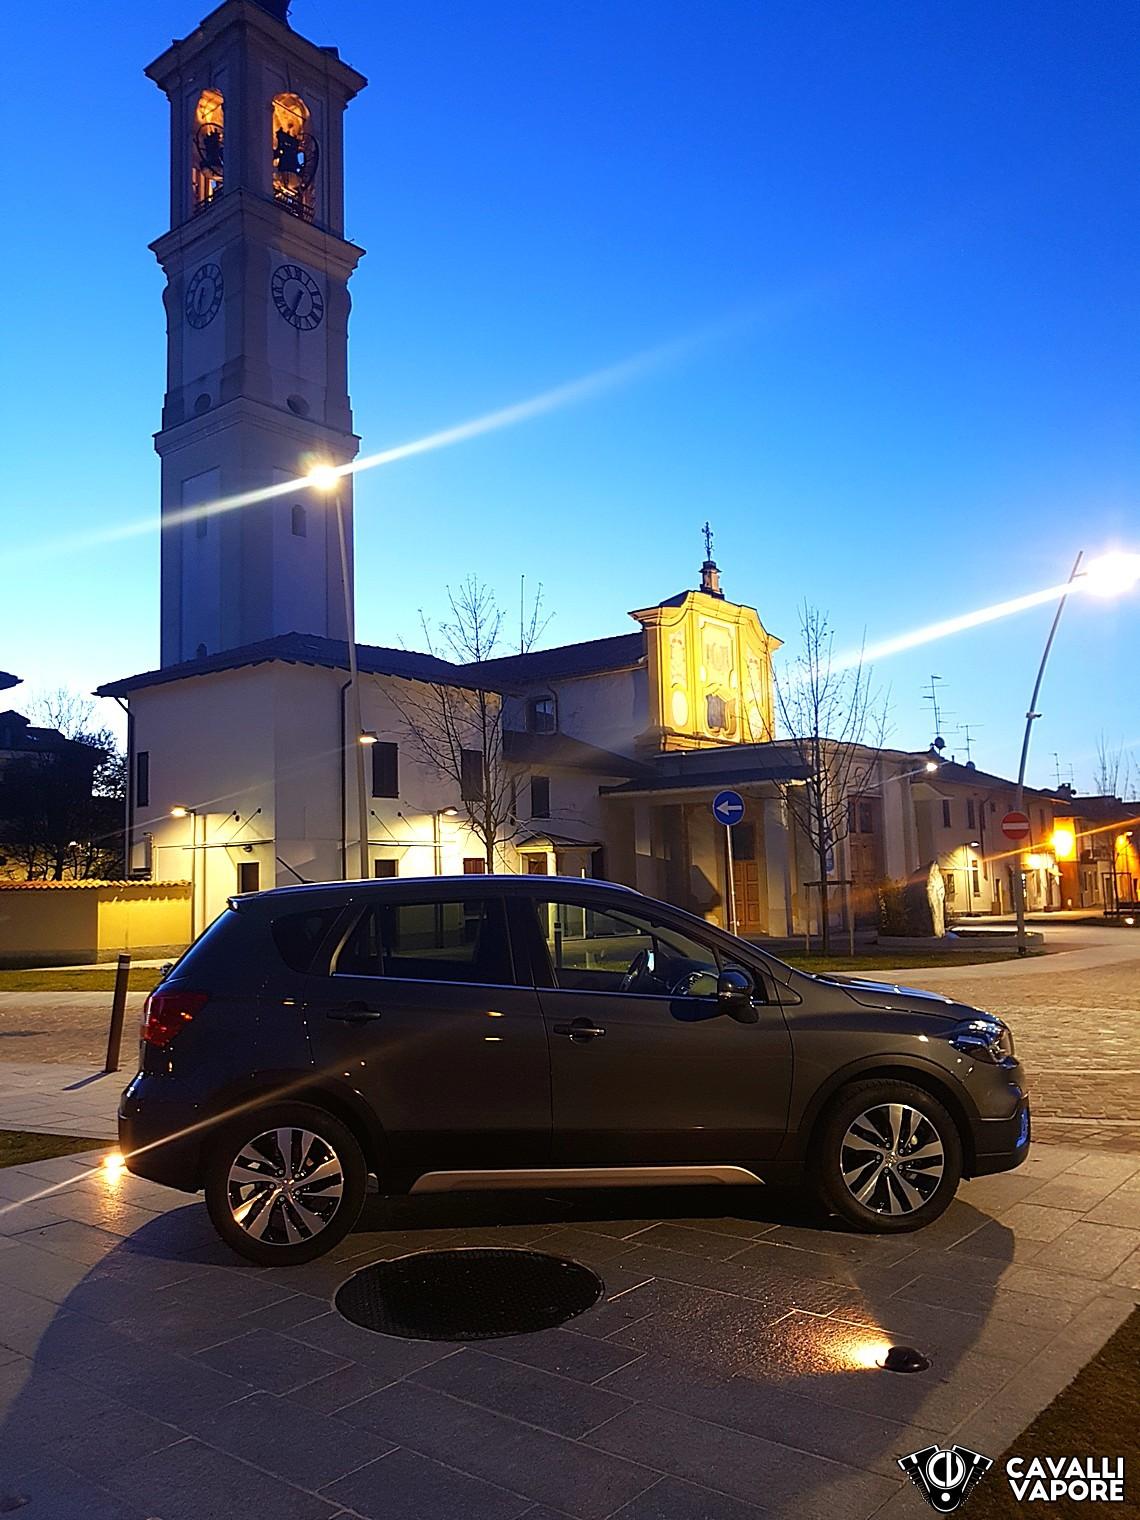 Suzuki S-Cross Lato Alba